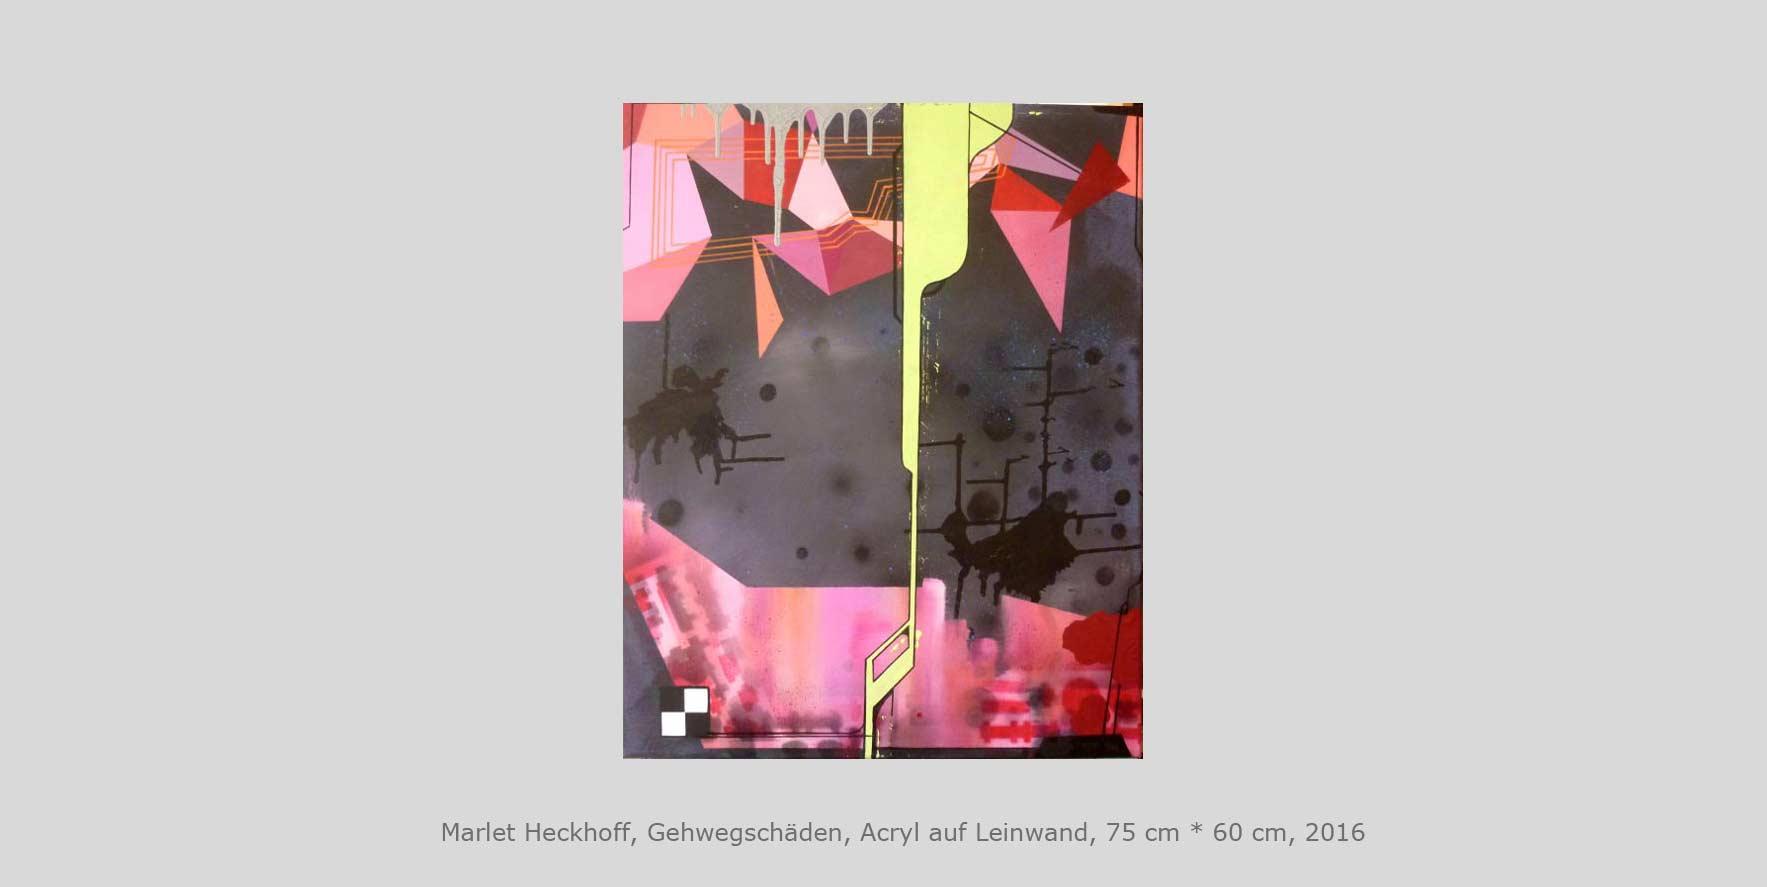 marlet_heckhoff.html